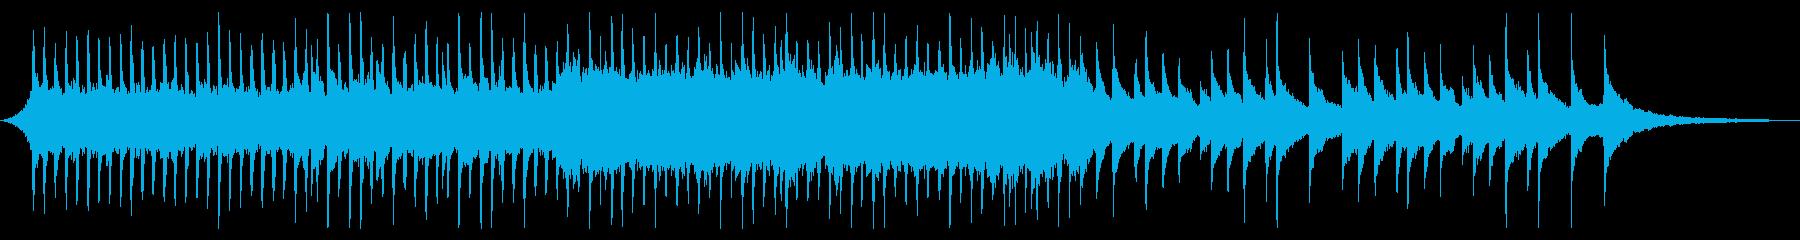 ショートver 希望の光 ピアノ・弦の再生済みの波形